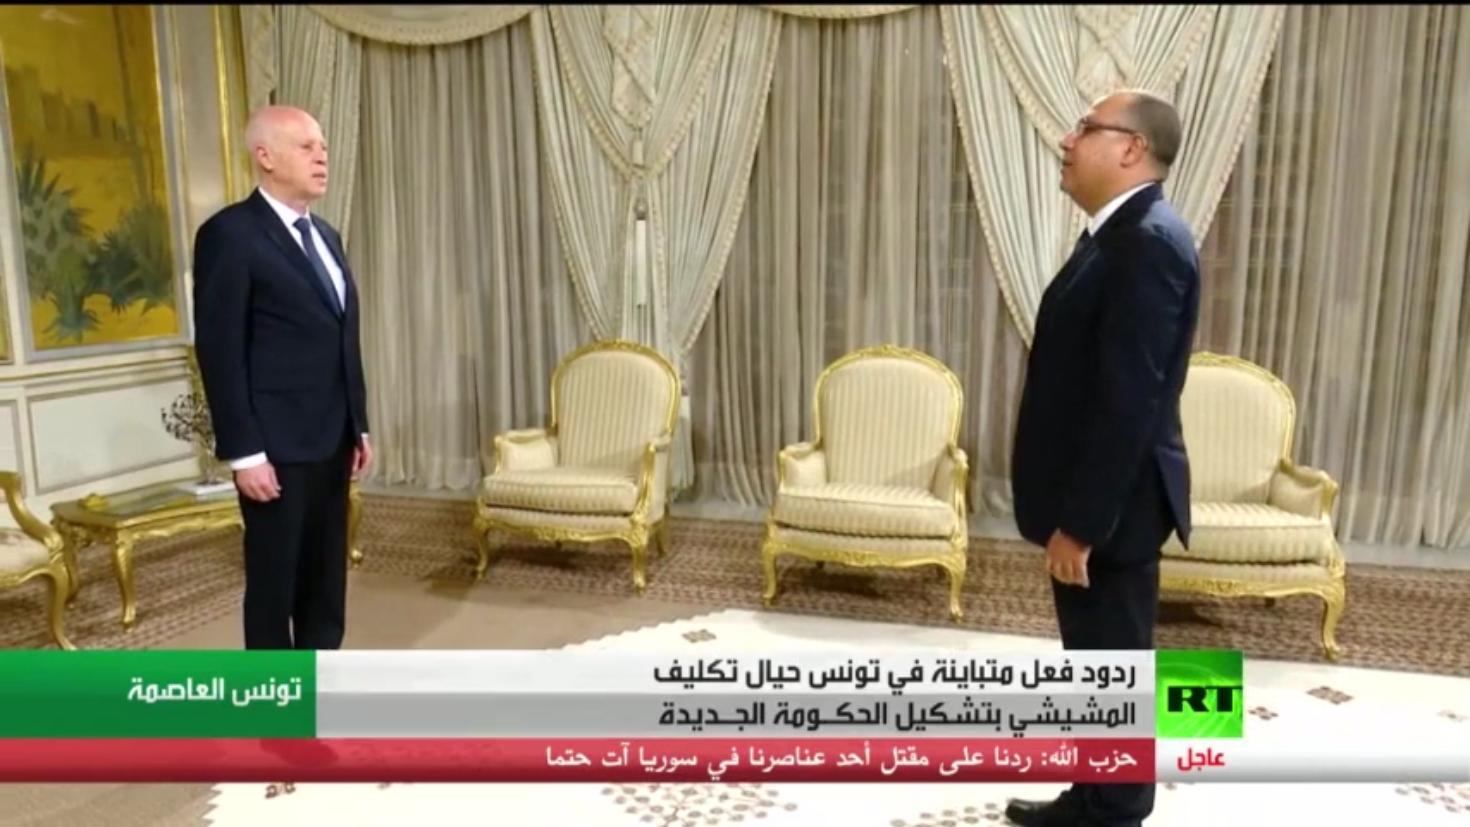 انقسام الأحزاب التونسية بين مؤيد ورافض لتكليف هشام المشيشي بتشكيل الحكومة من قبل الرئيس